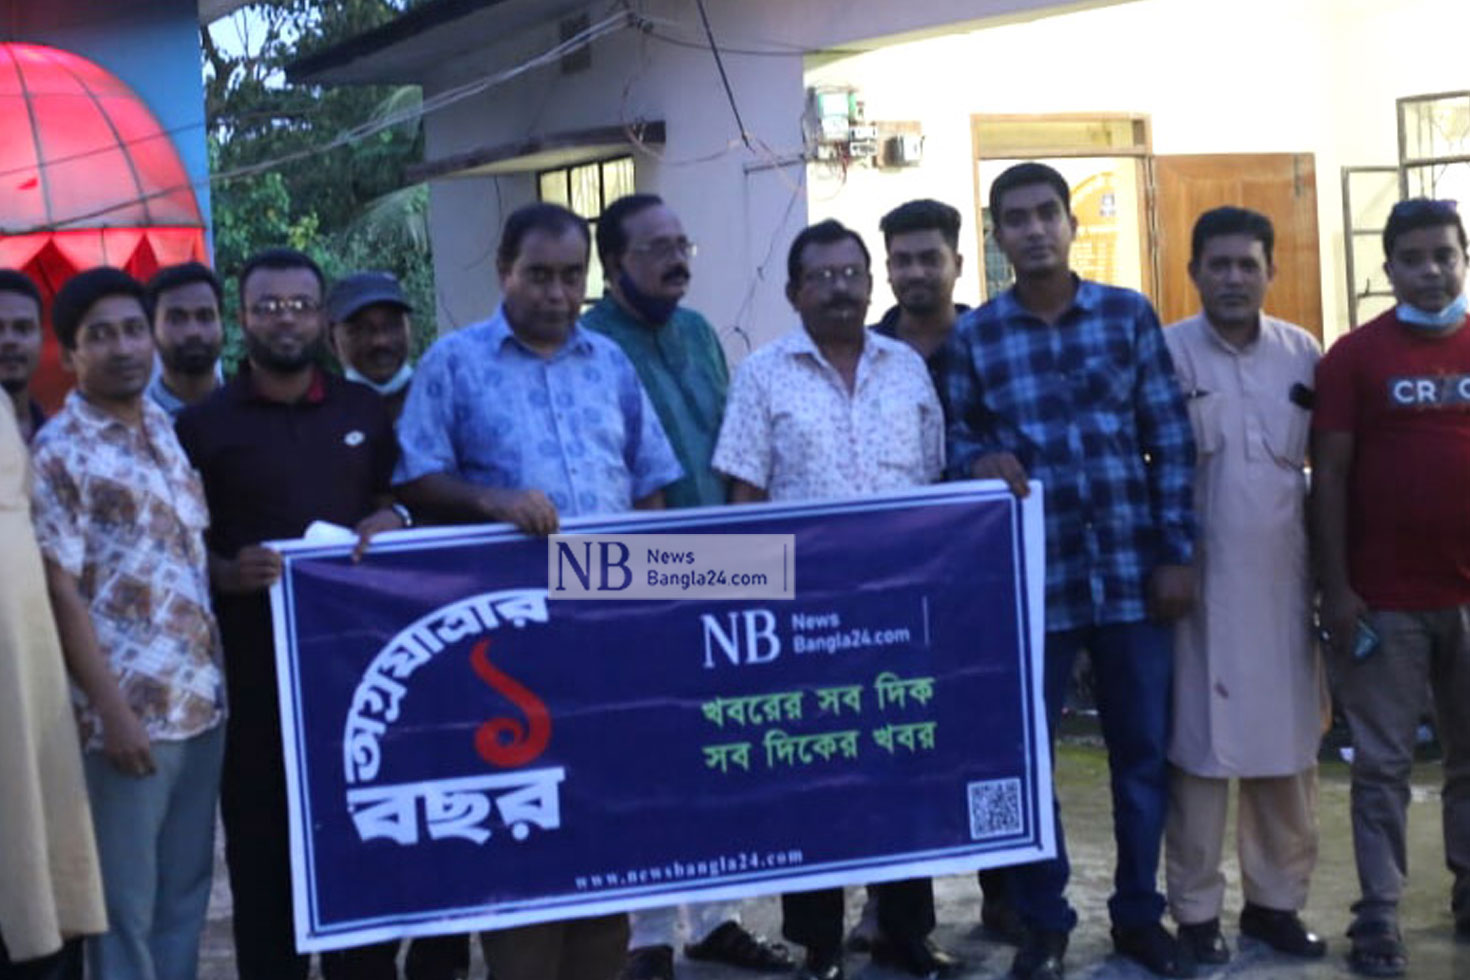 নোয়াখালীতে নিউজবাংলার বর্ষপূর্তি উদযাপন